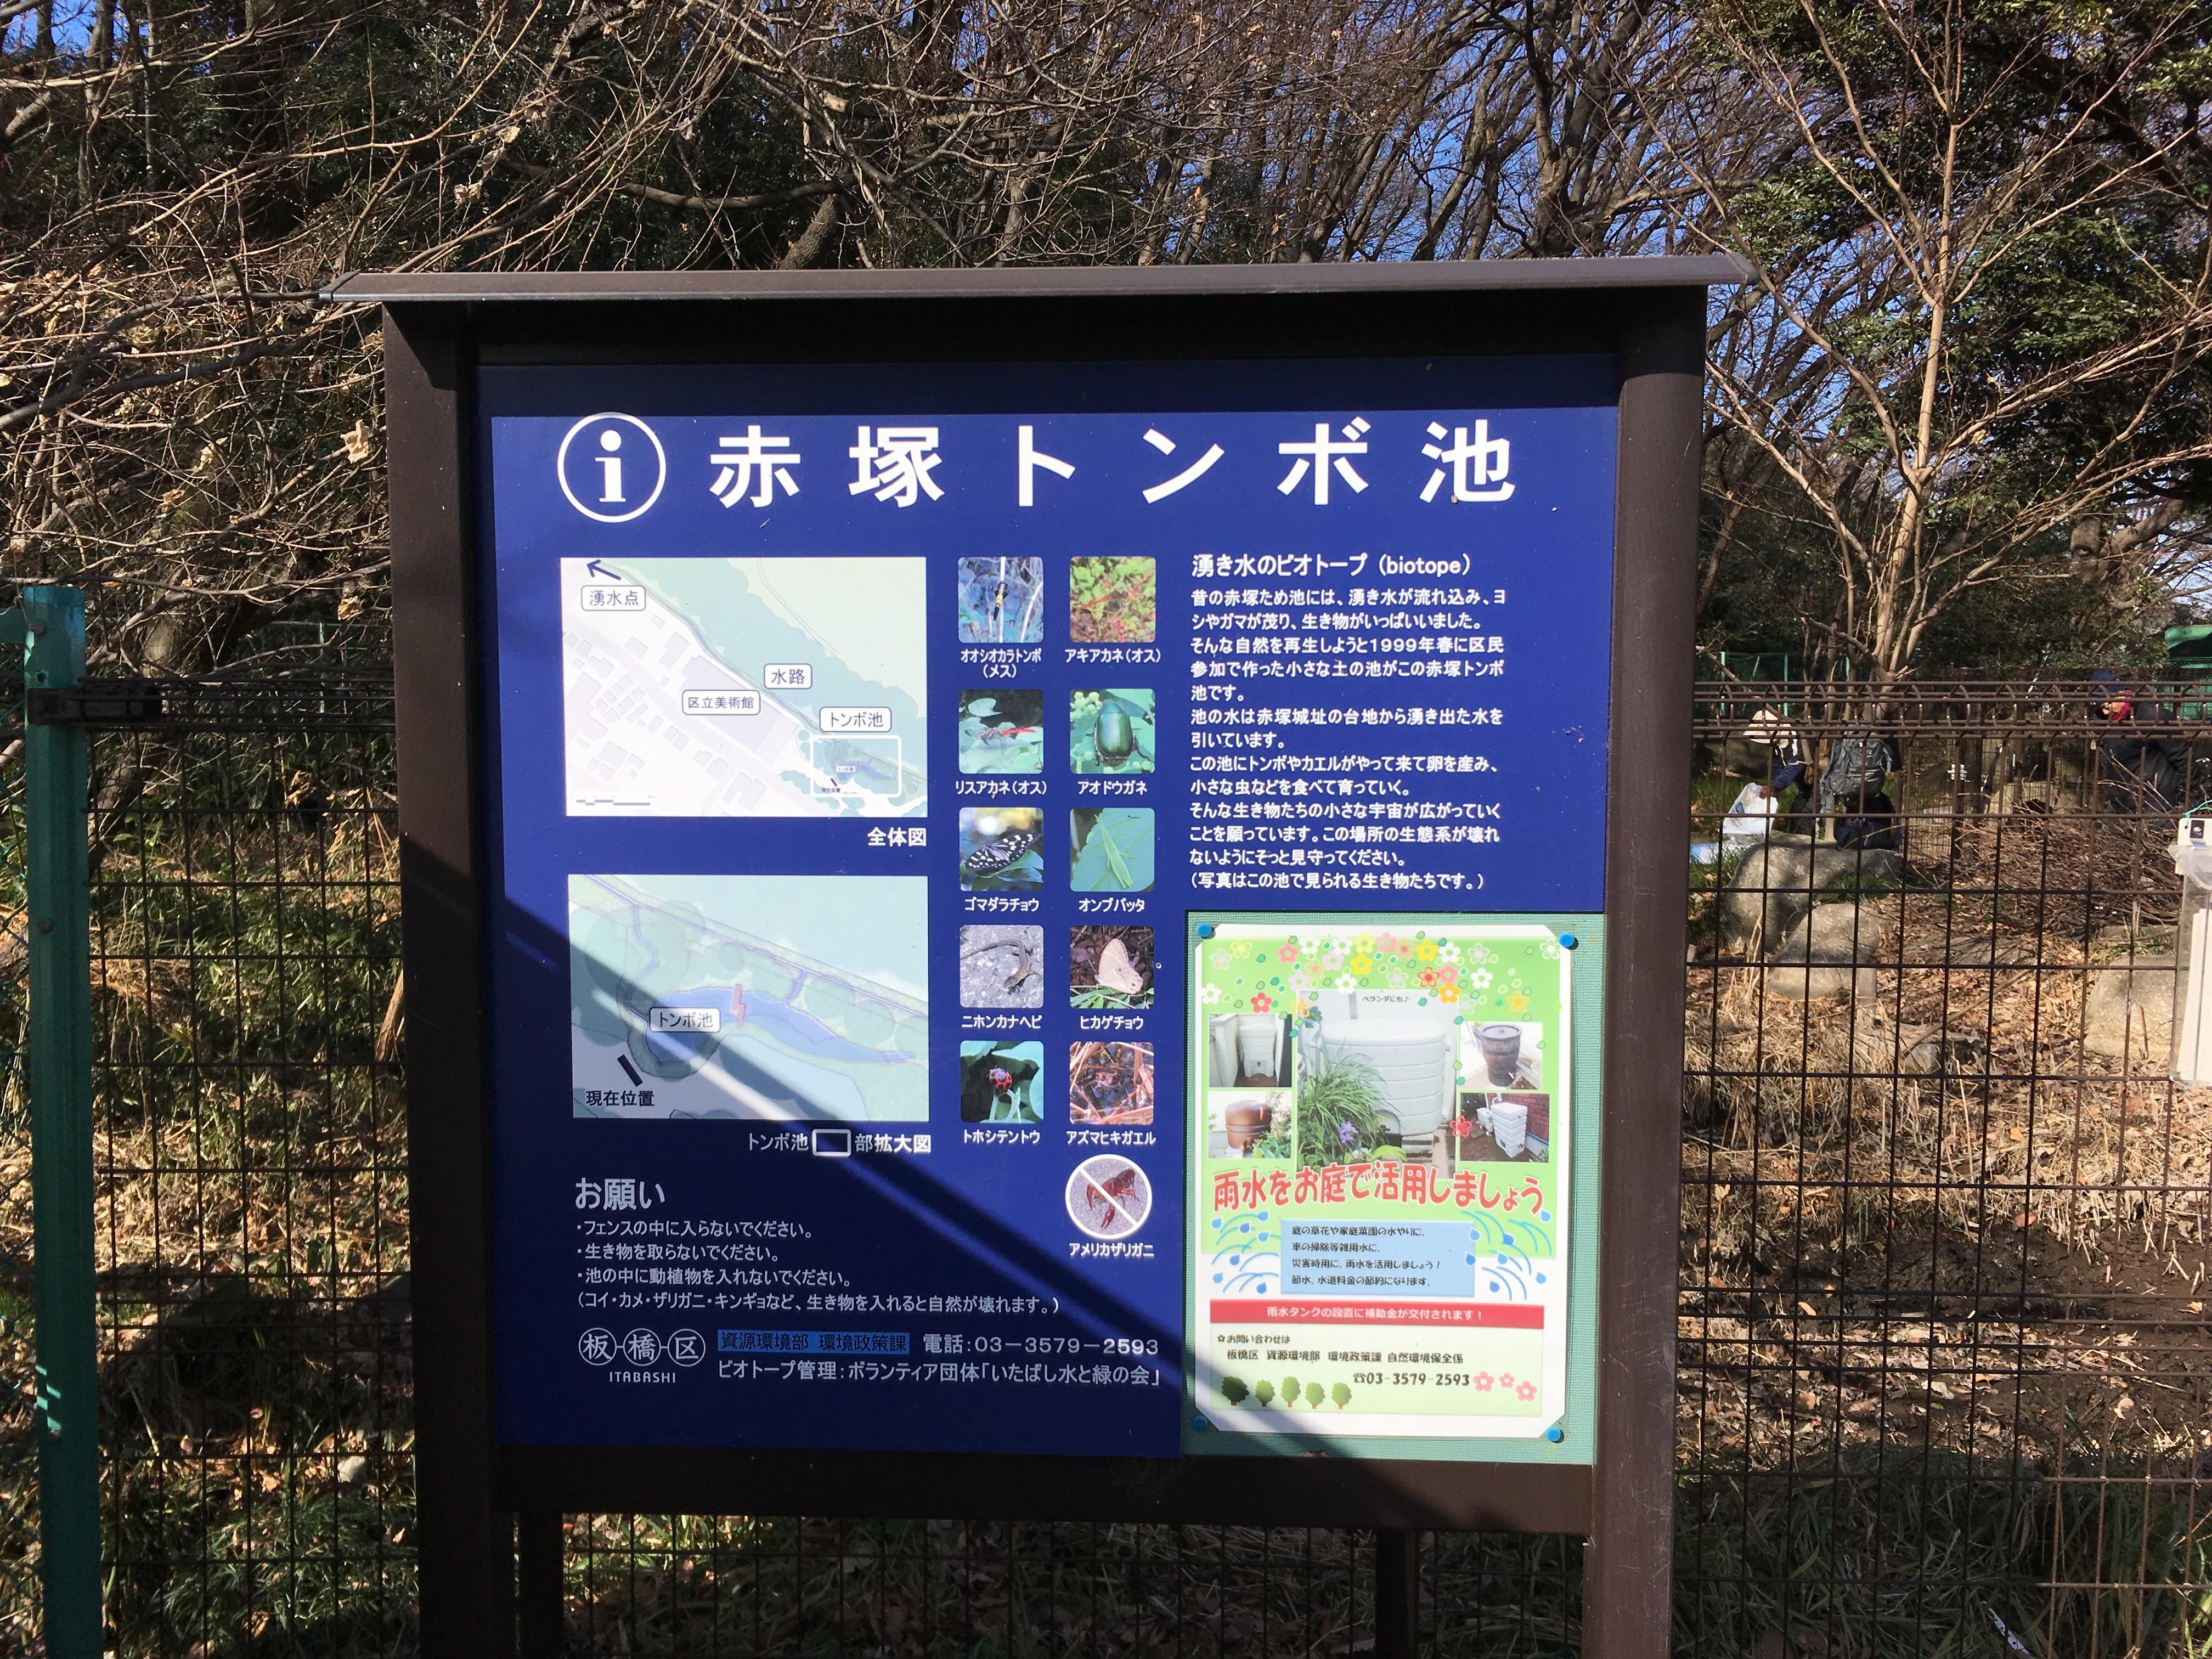 赤塚溜池公園赤塚トンボ池